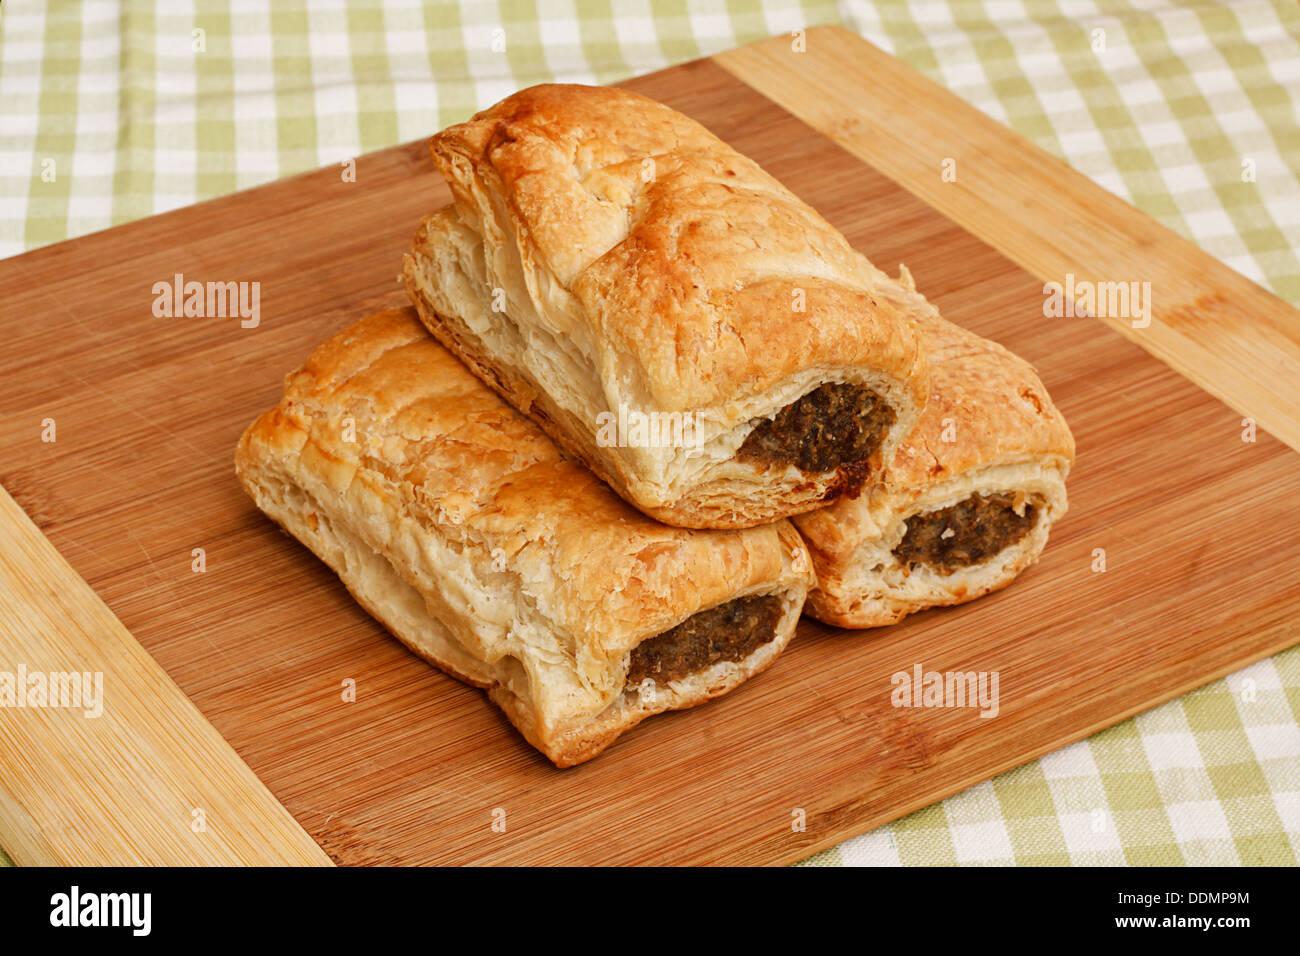 Tres rollos de salchicha tradicional en una rústica mesa de café, una repostería popular snack disponible en british panaderos Imagen De Stock